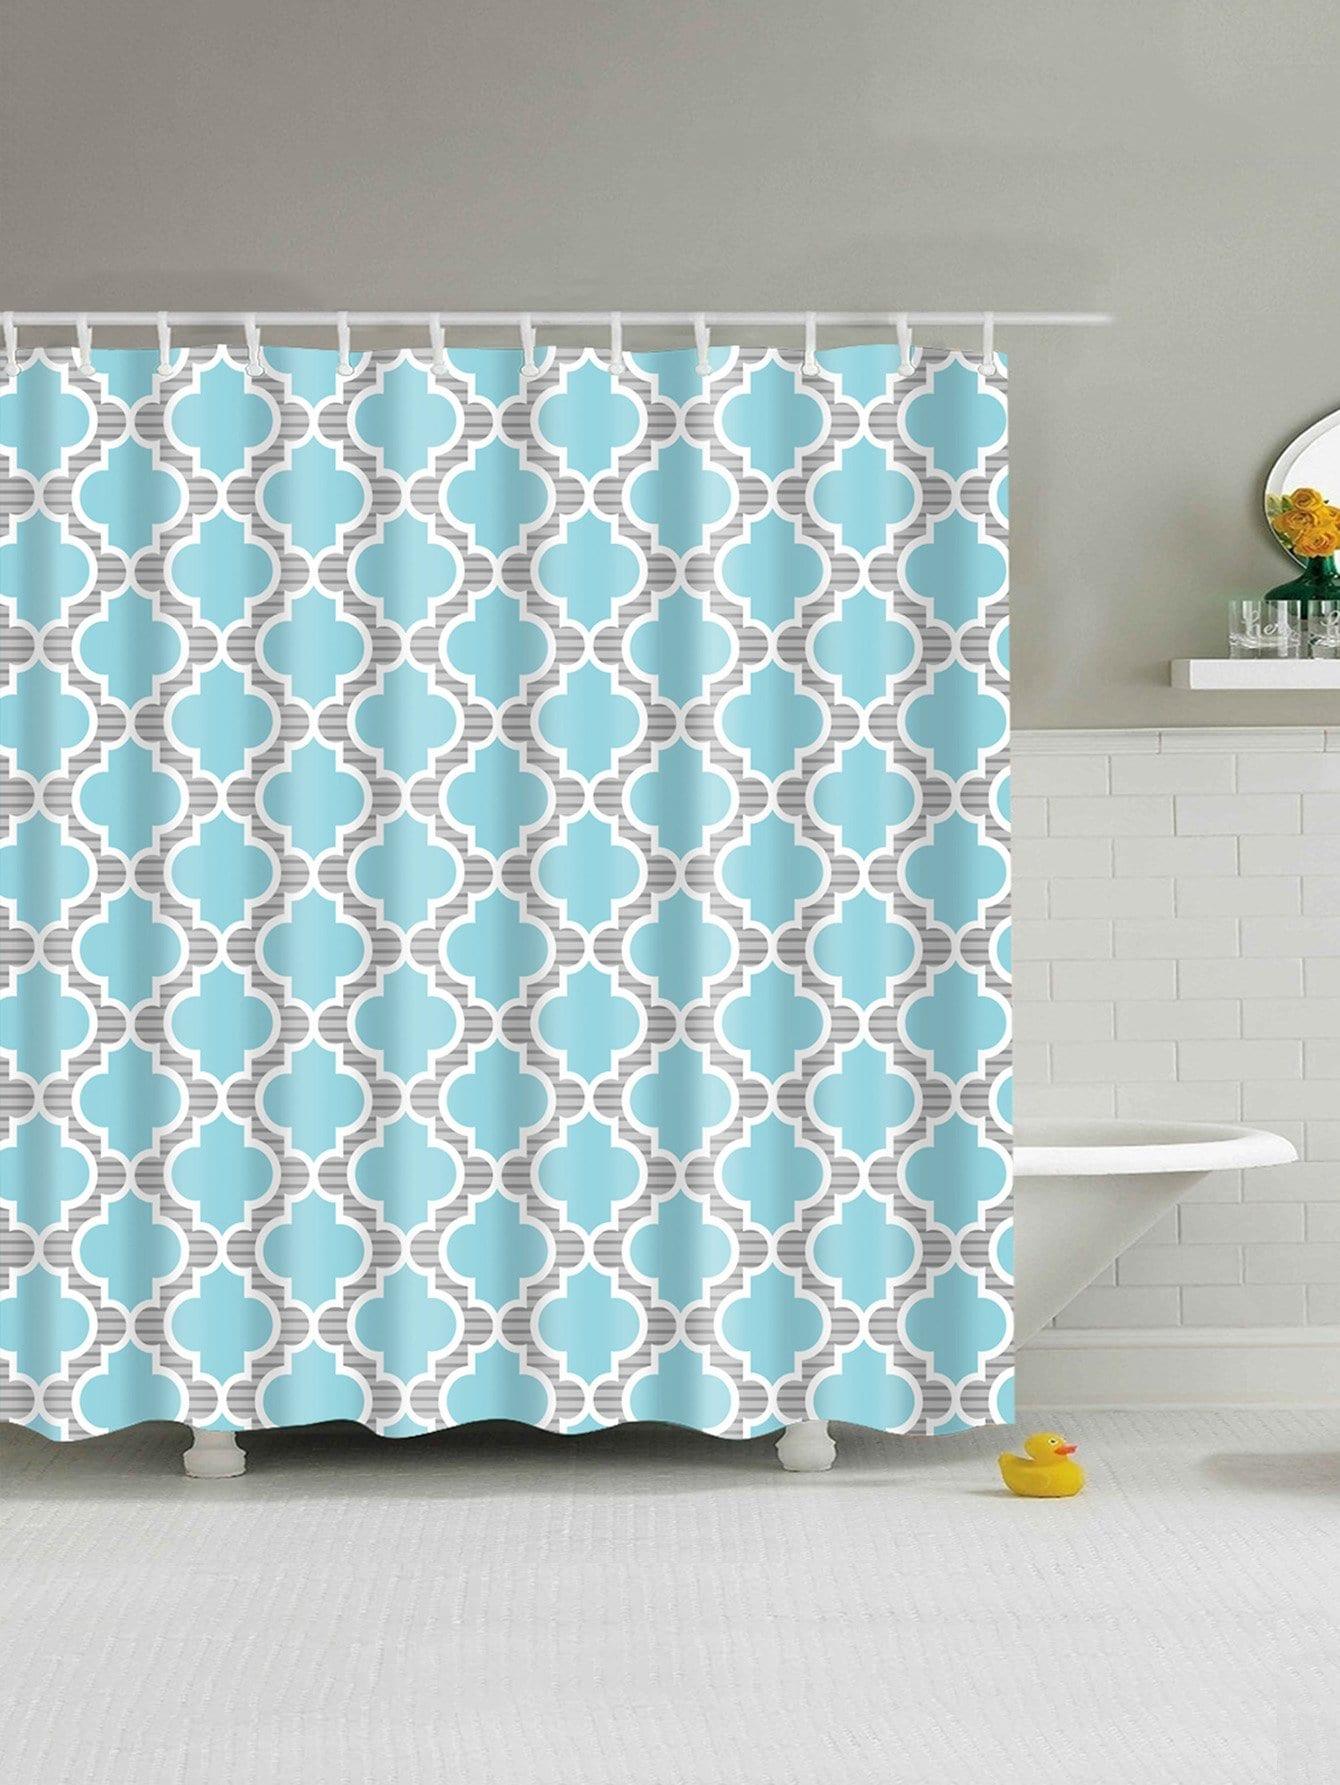 Vierpass-Muster-Duschvorhang 1pc mit Haken 12pcs